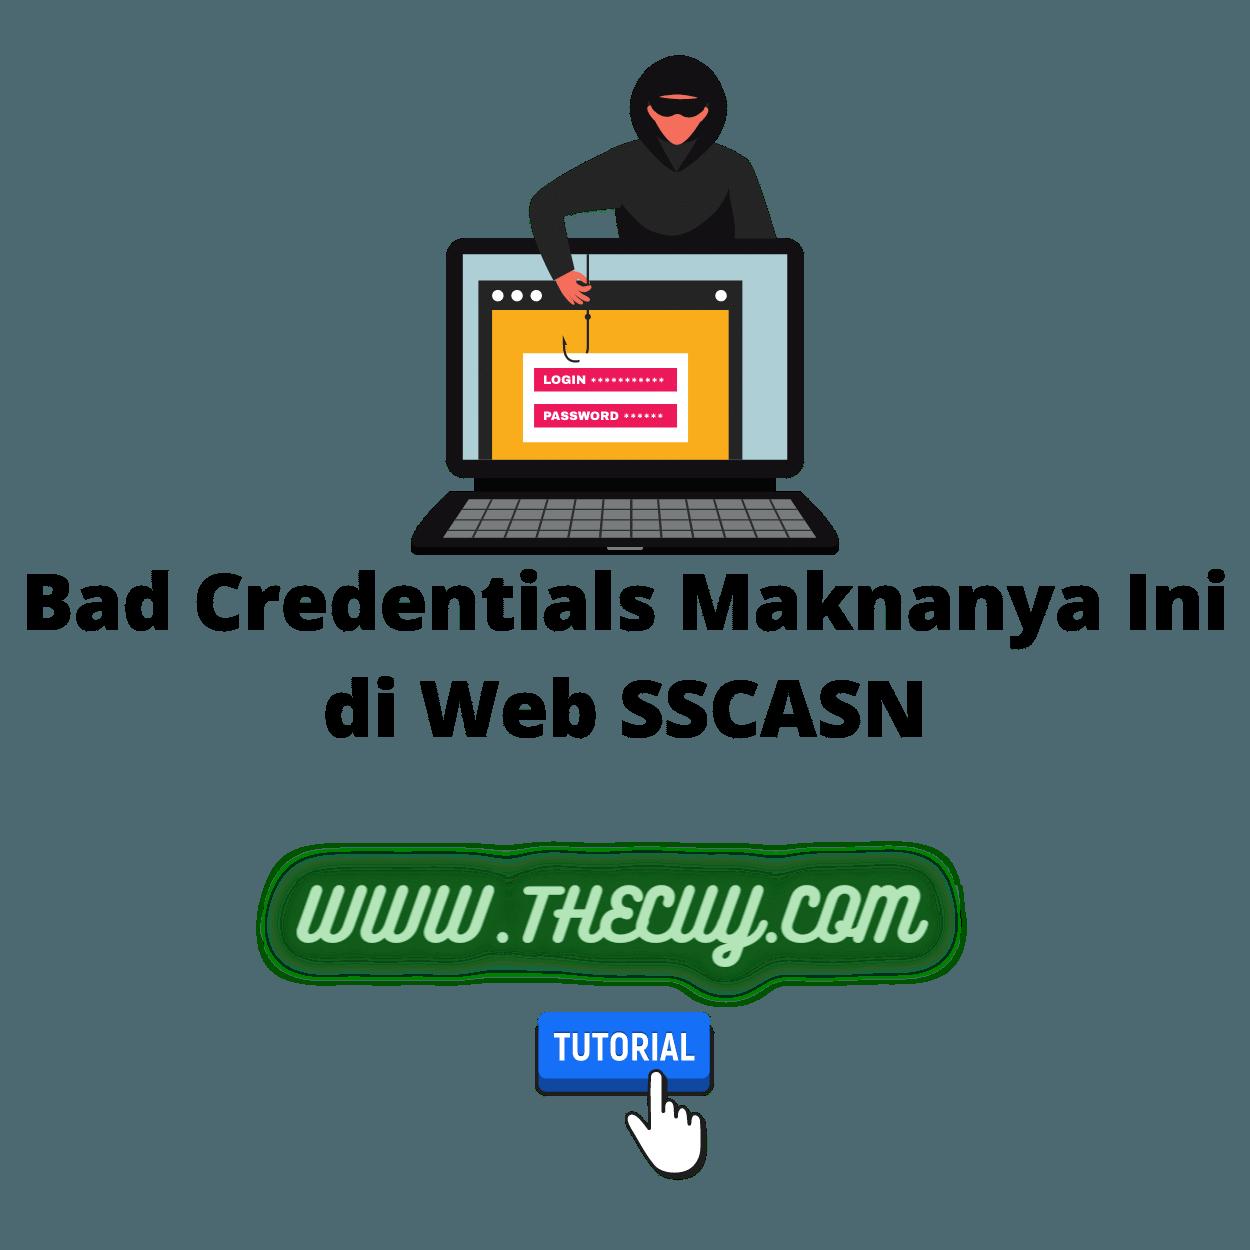 Bad Credentials Maknanya Ini di Web SSCASN